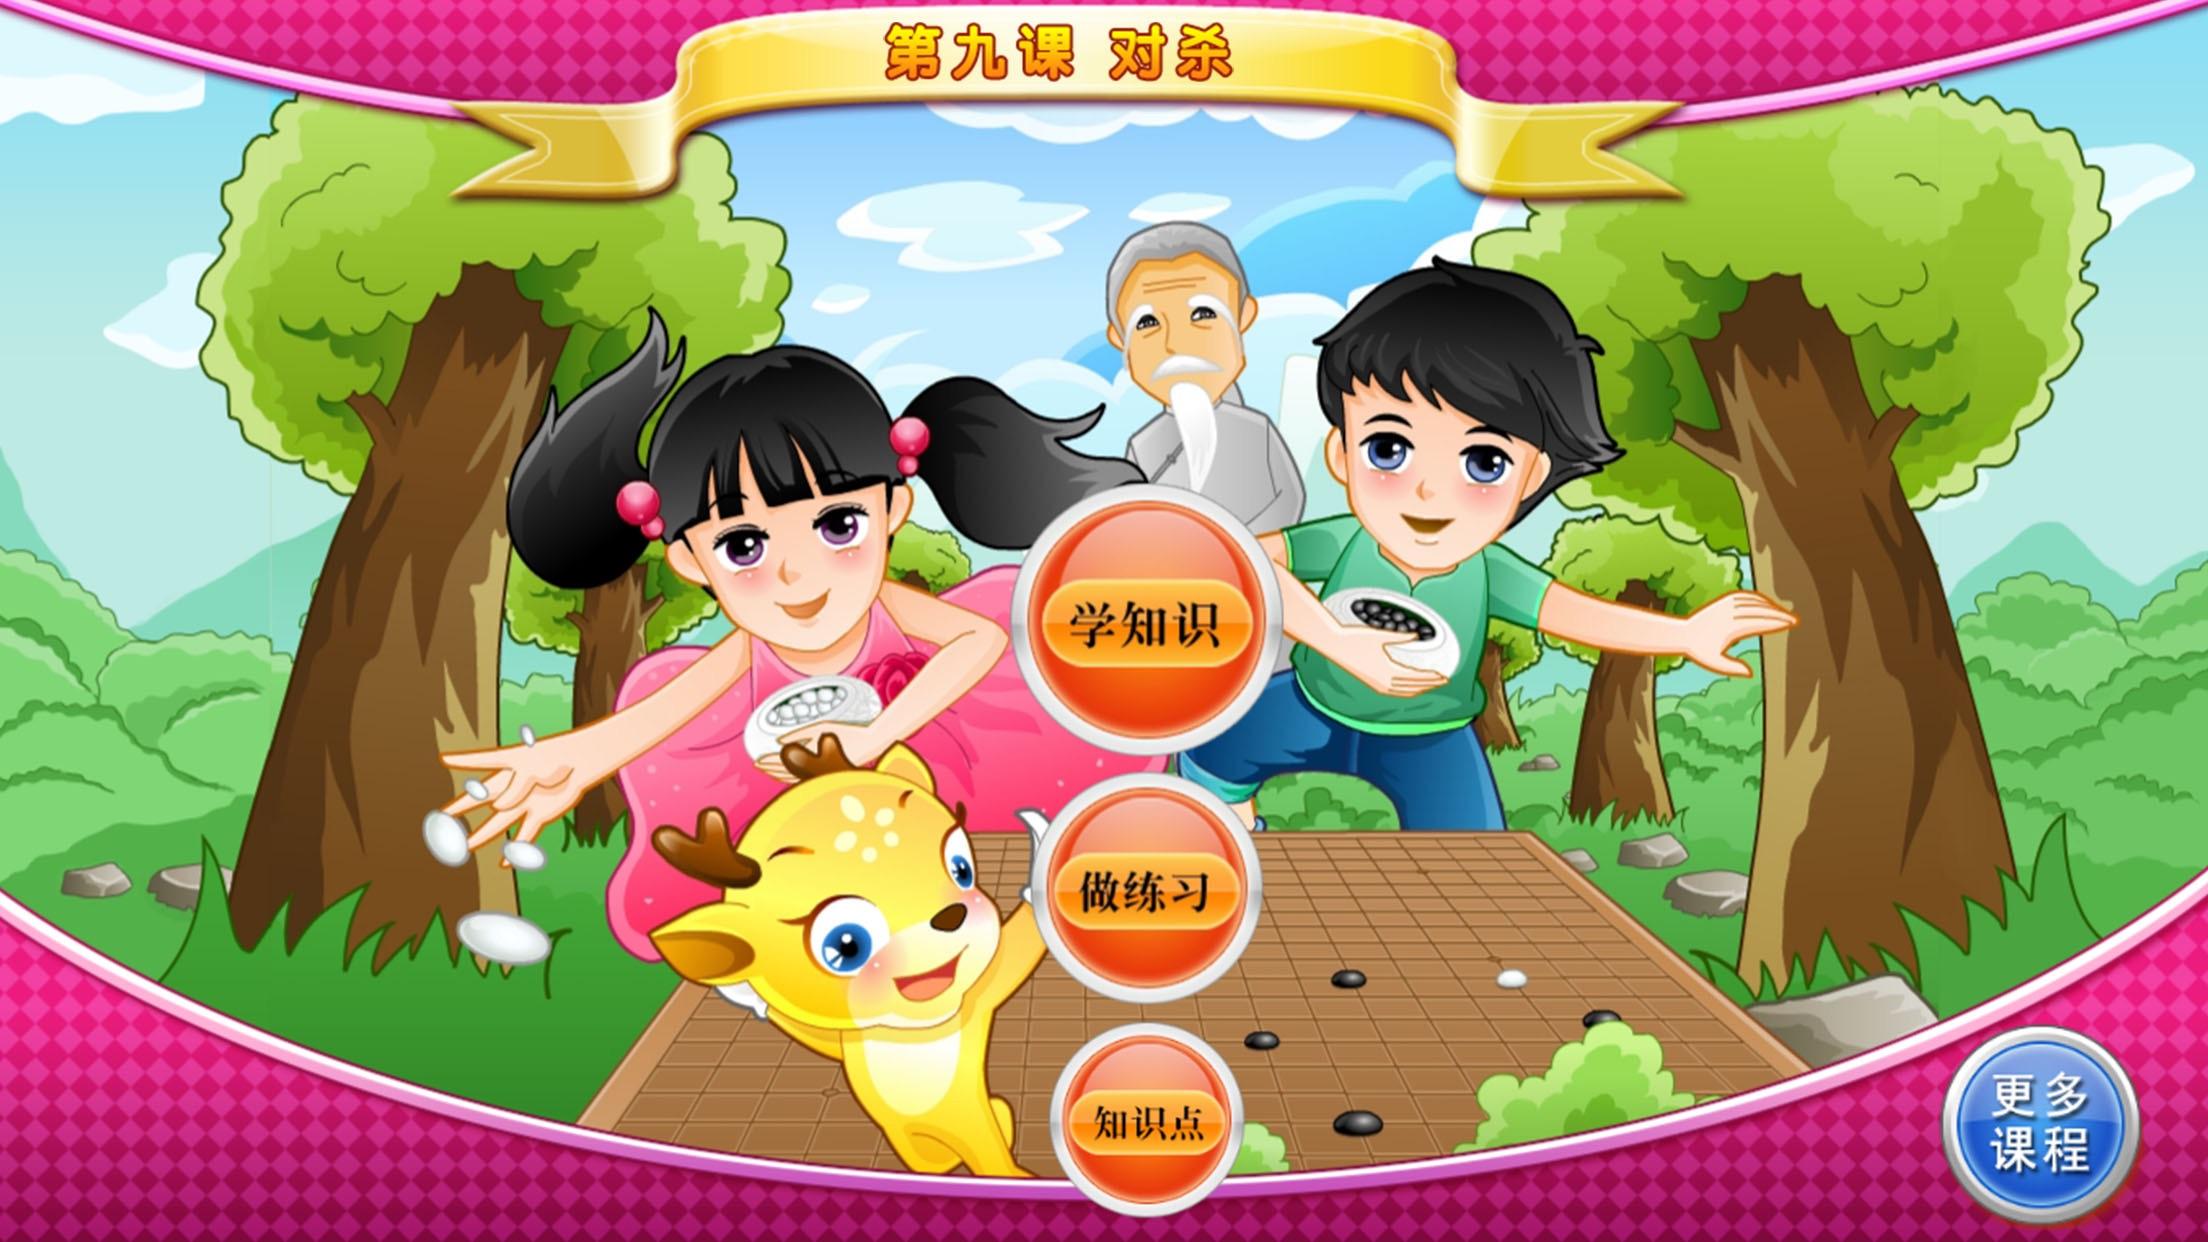 少儿围棋教学系列第九课 Screenshot